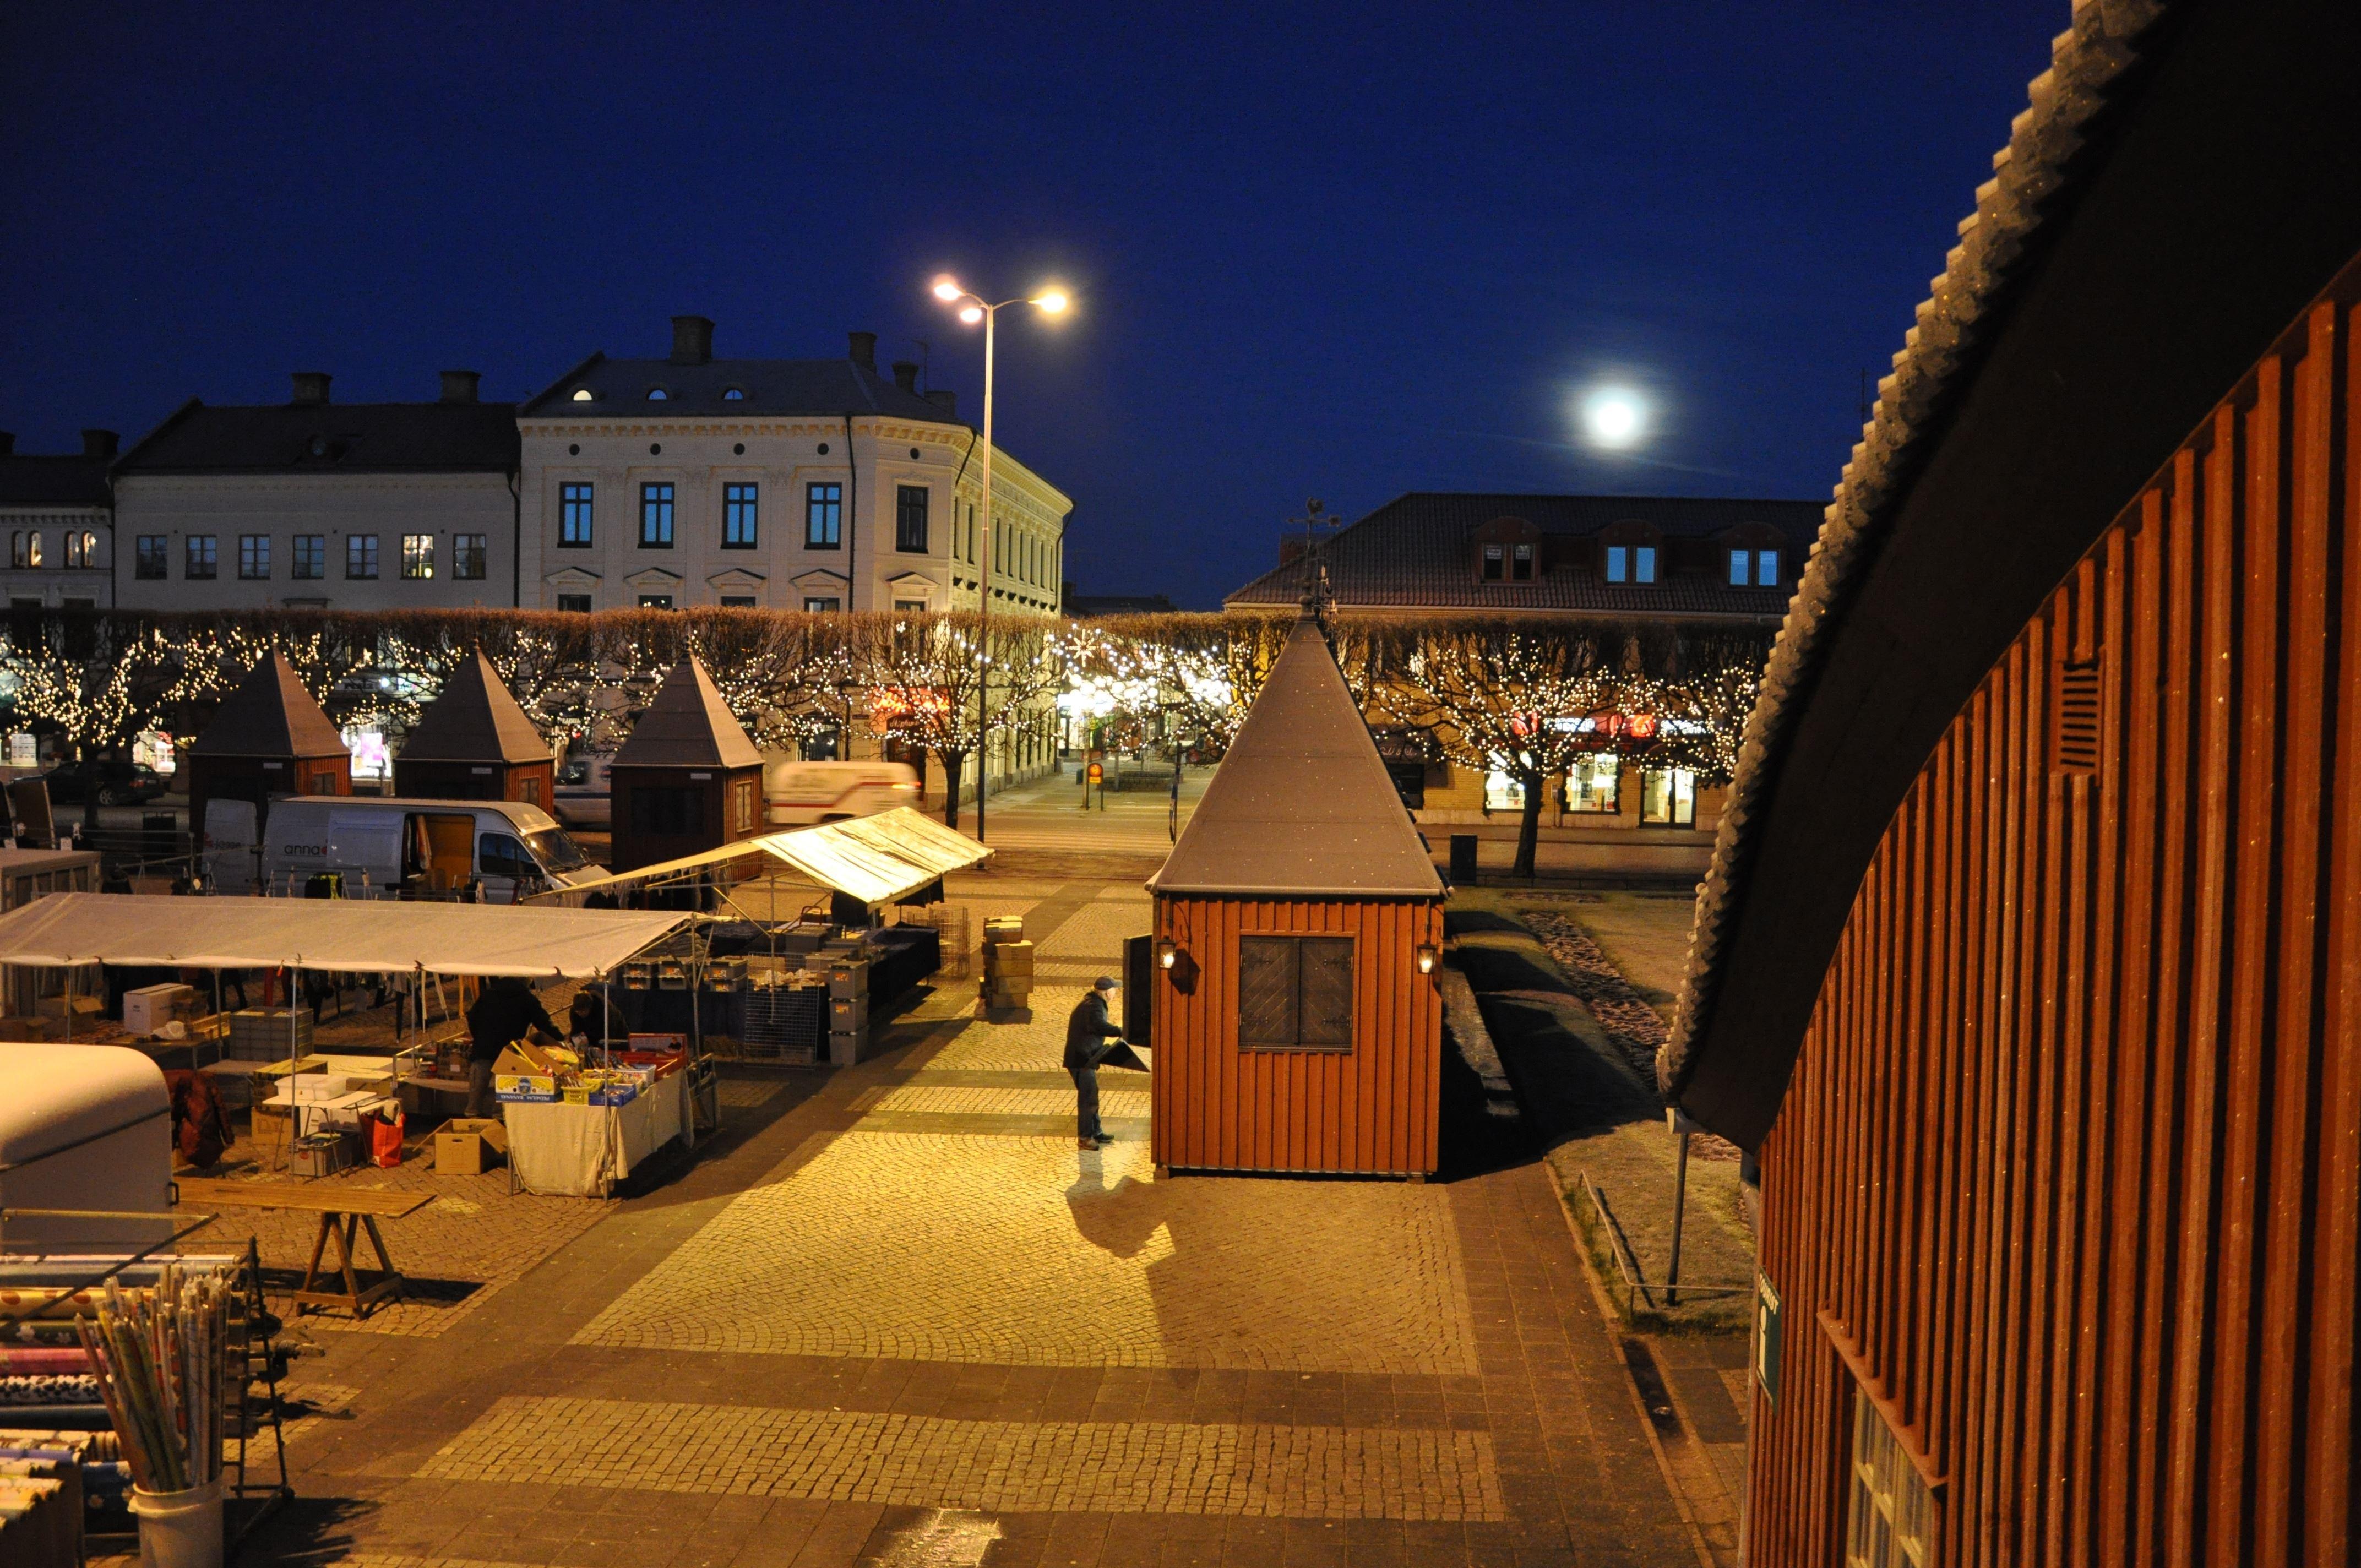 Hovby Camping - Power Big Meet 2017 - SLUTSÅLT ONLINE